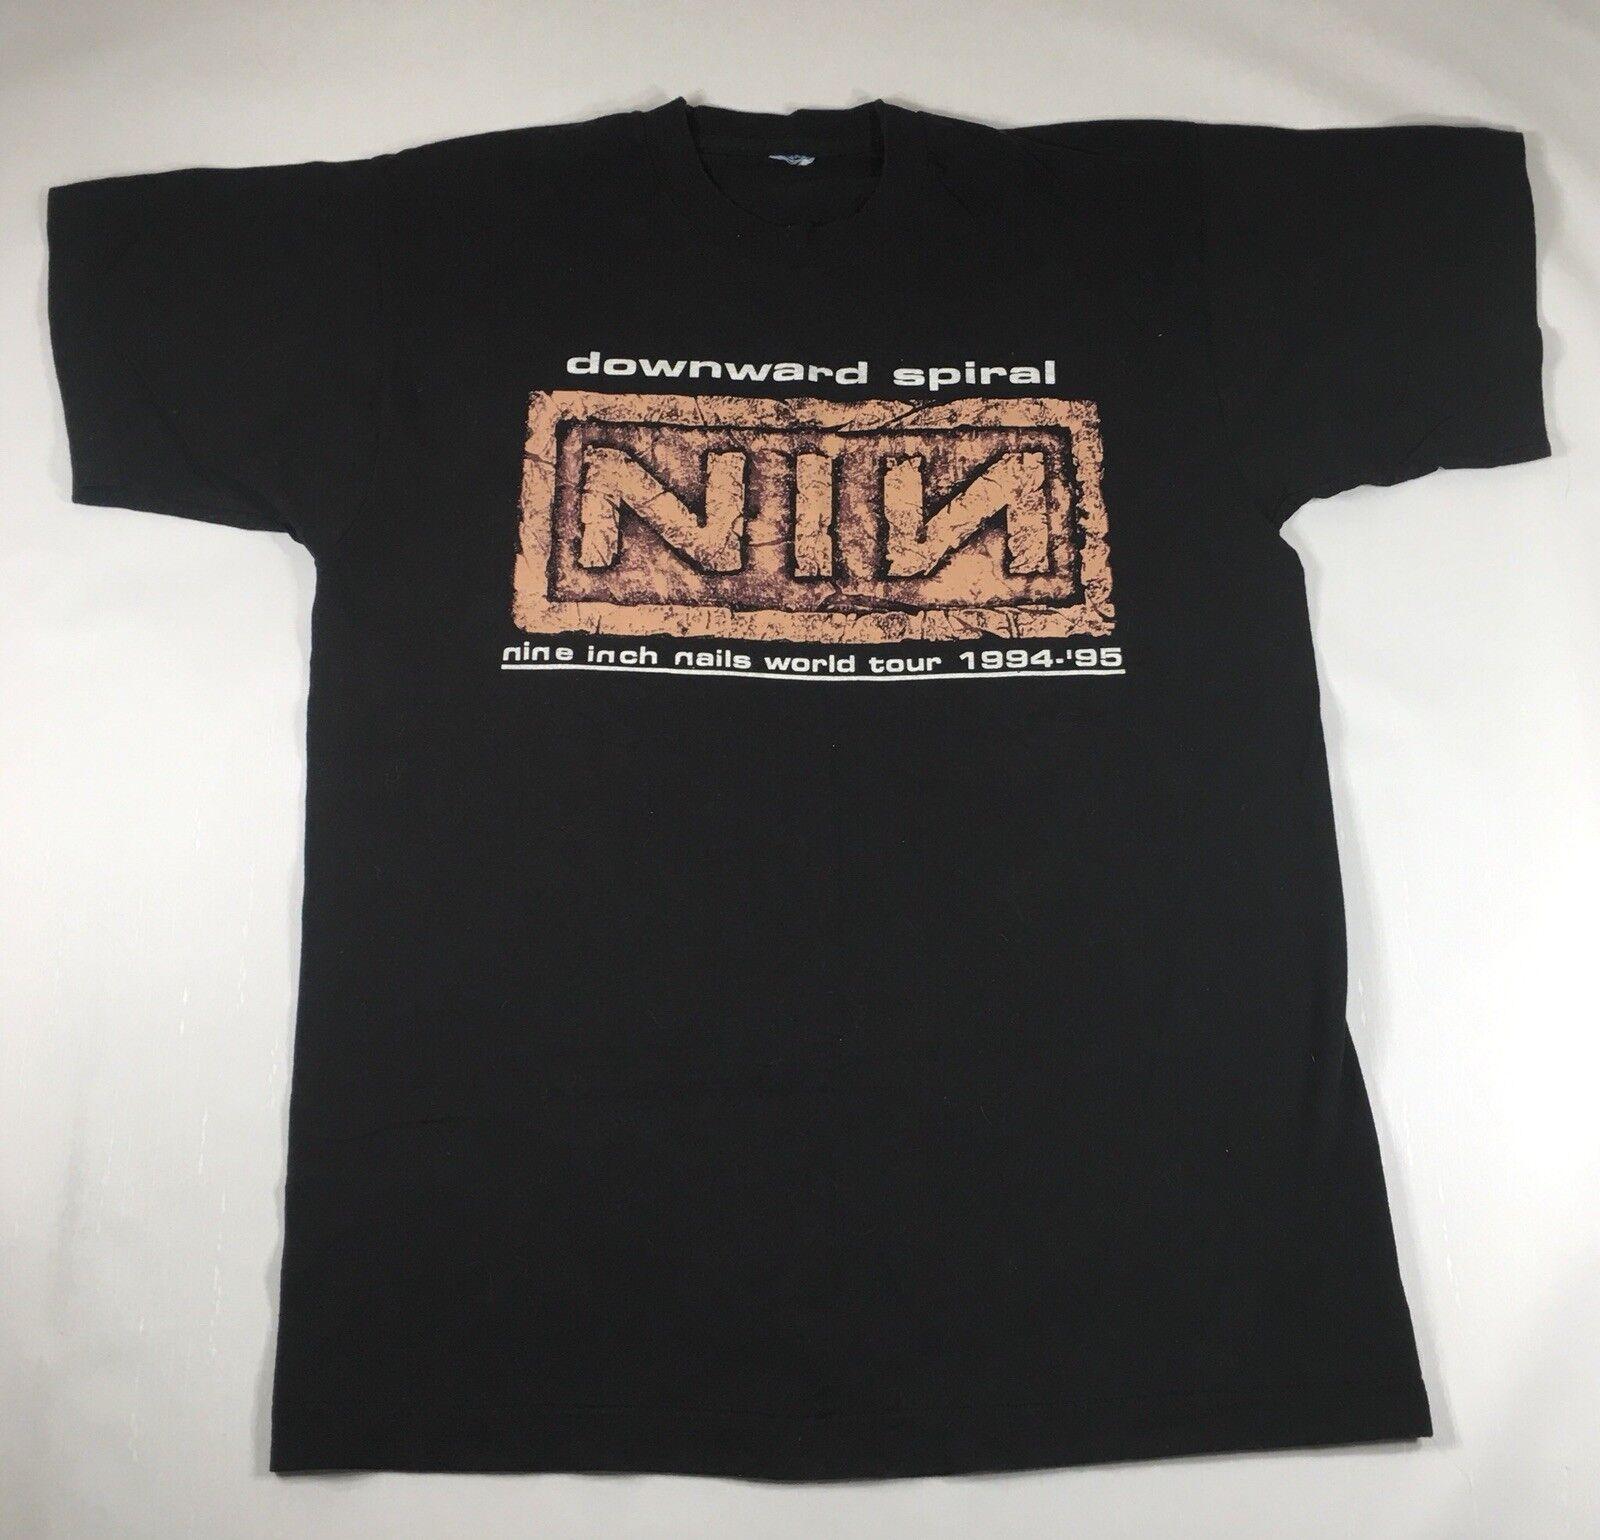 Vintage Nine Inch Nails Downward Spiral World Tour 94-95 Shirt Größe Large E015